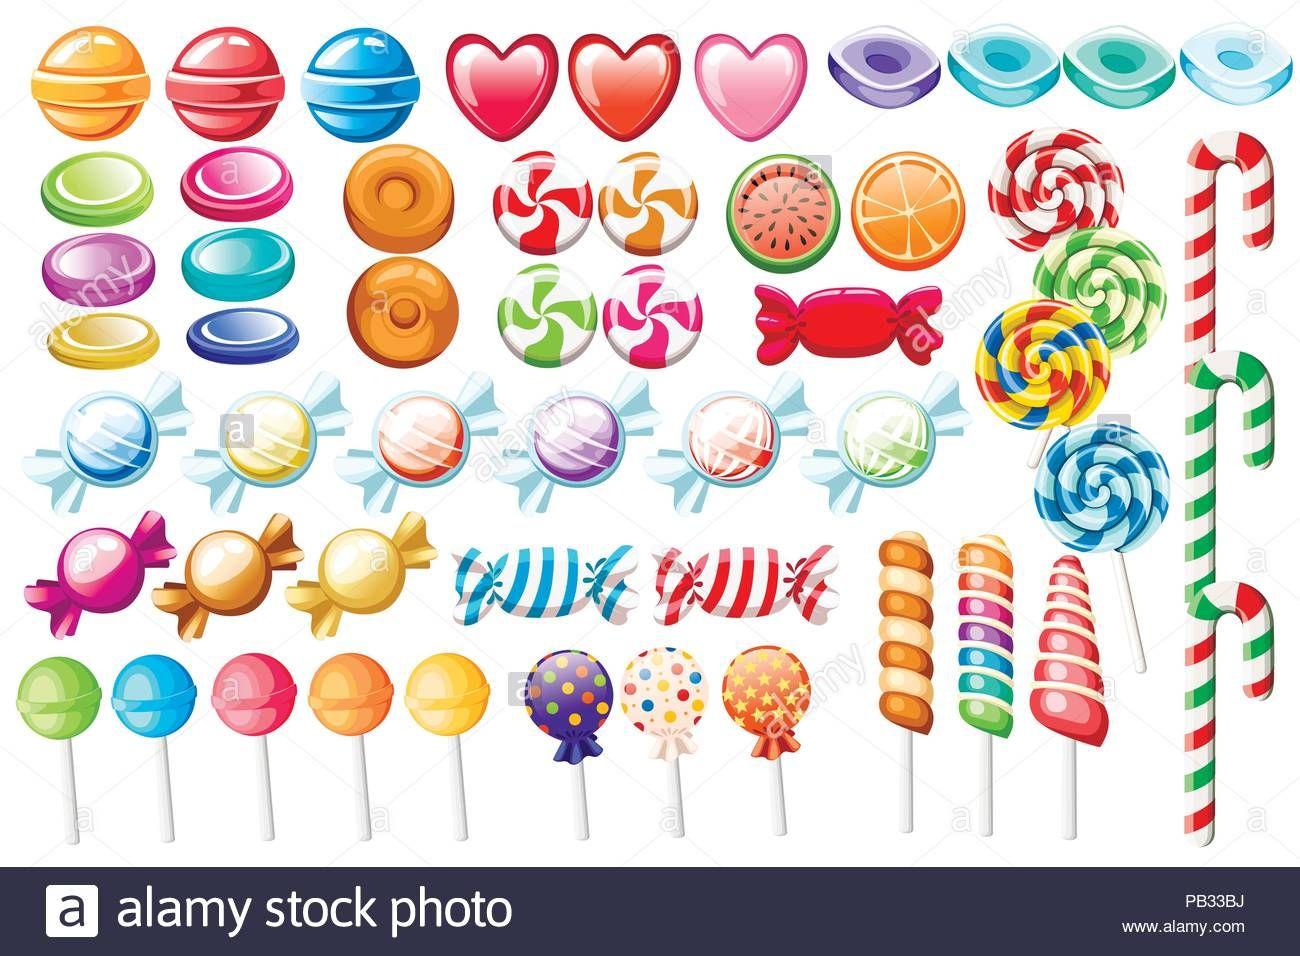 Descargar Este Vector Caramelos Gran Coleccion De Diferentes Dulces De Estilo De Dibujos Animados Envuelto Y N Estilos De Dibujo Caramelos Dibujos Caramelos